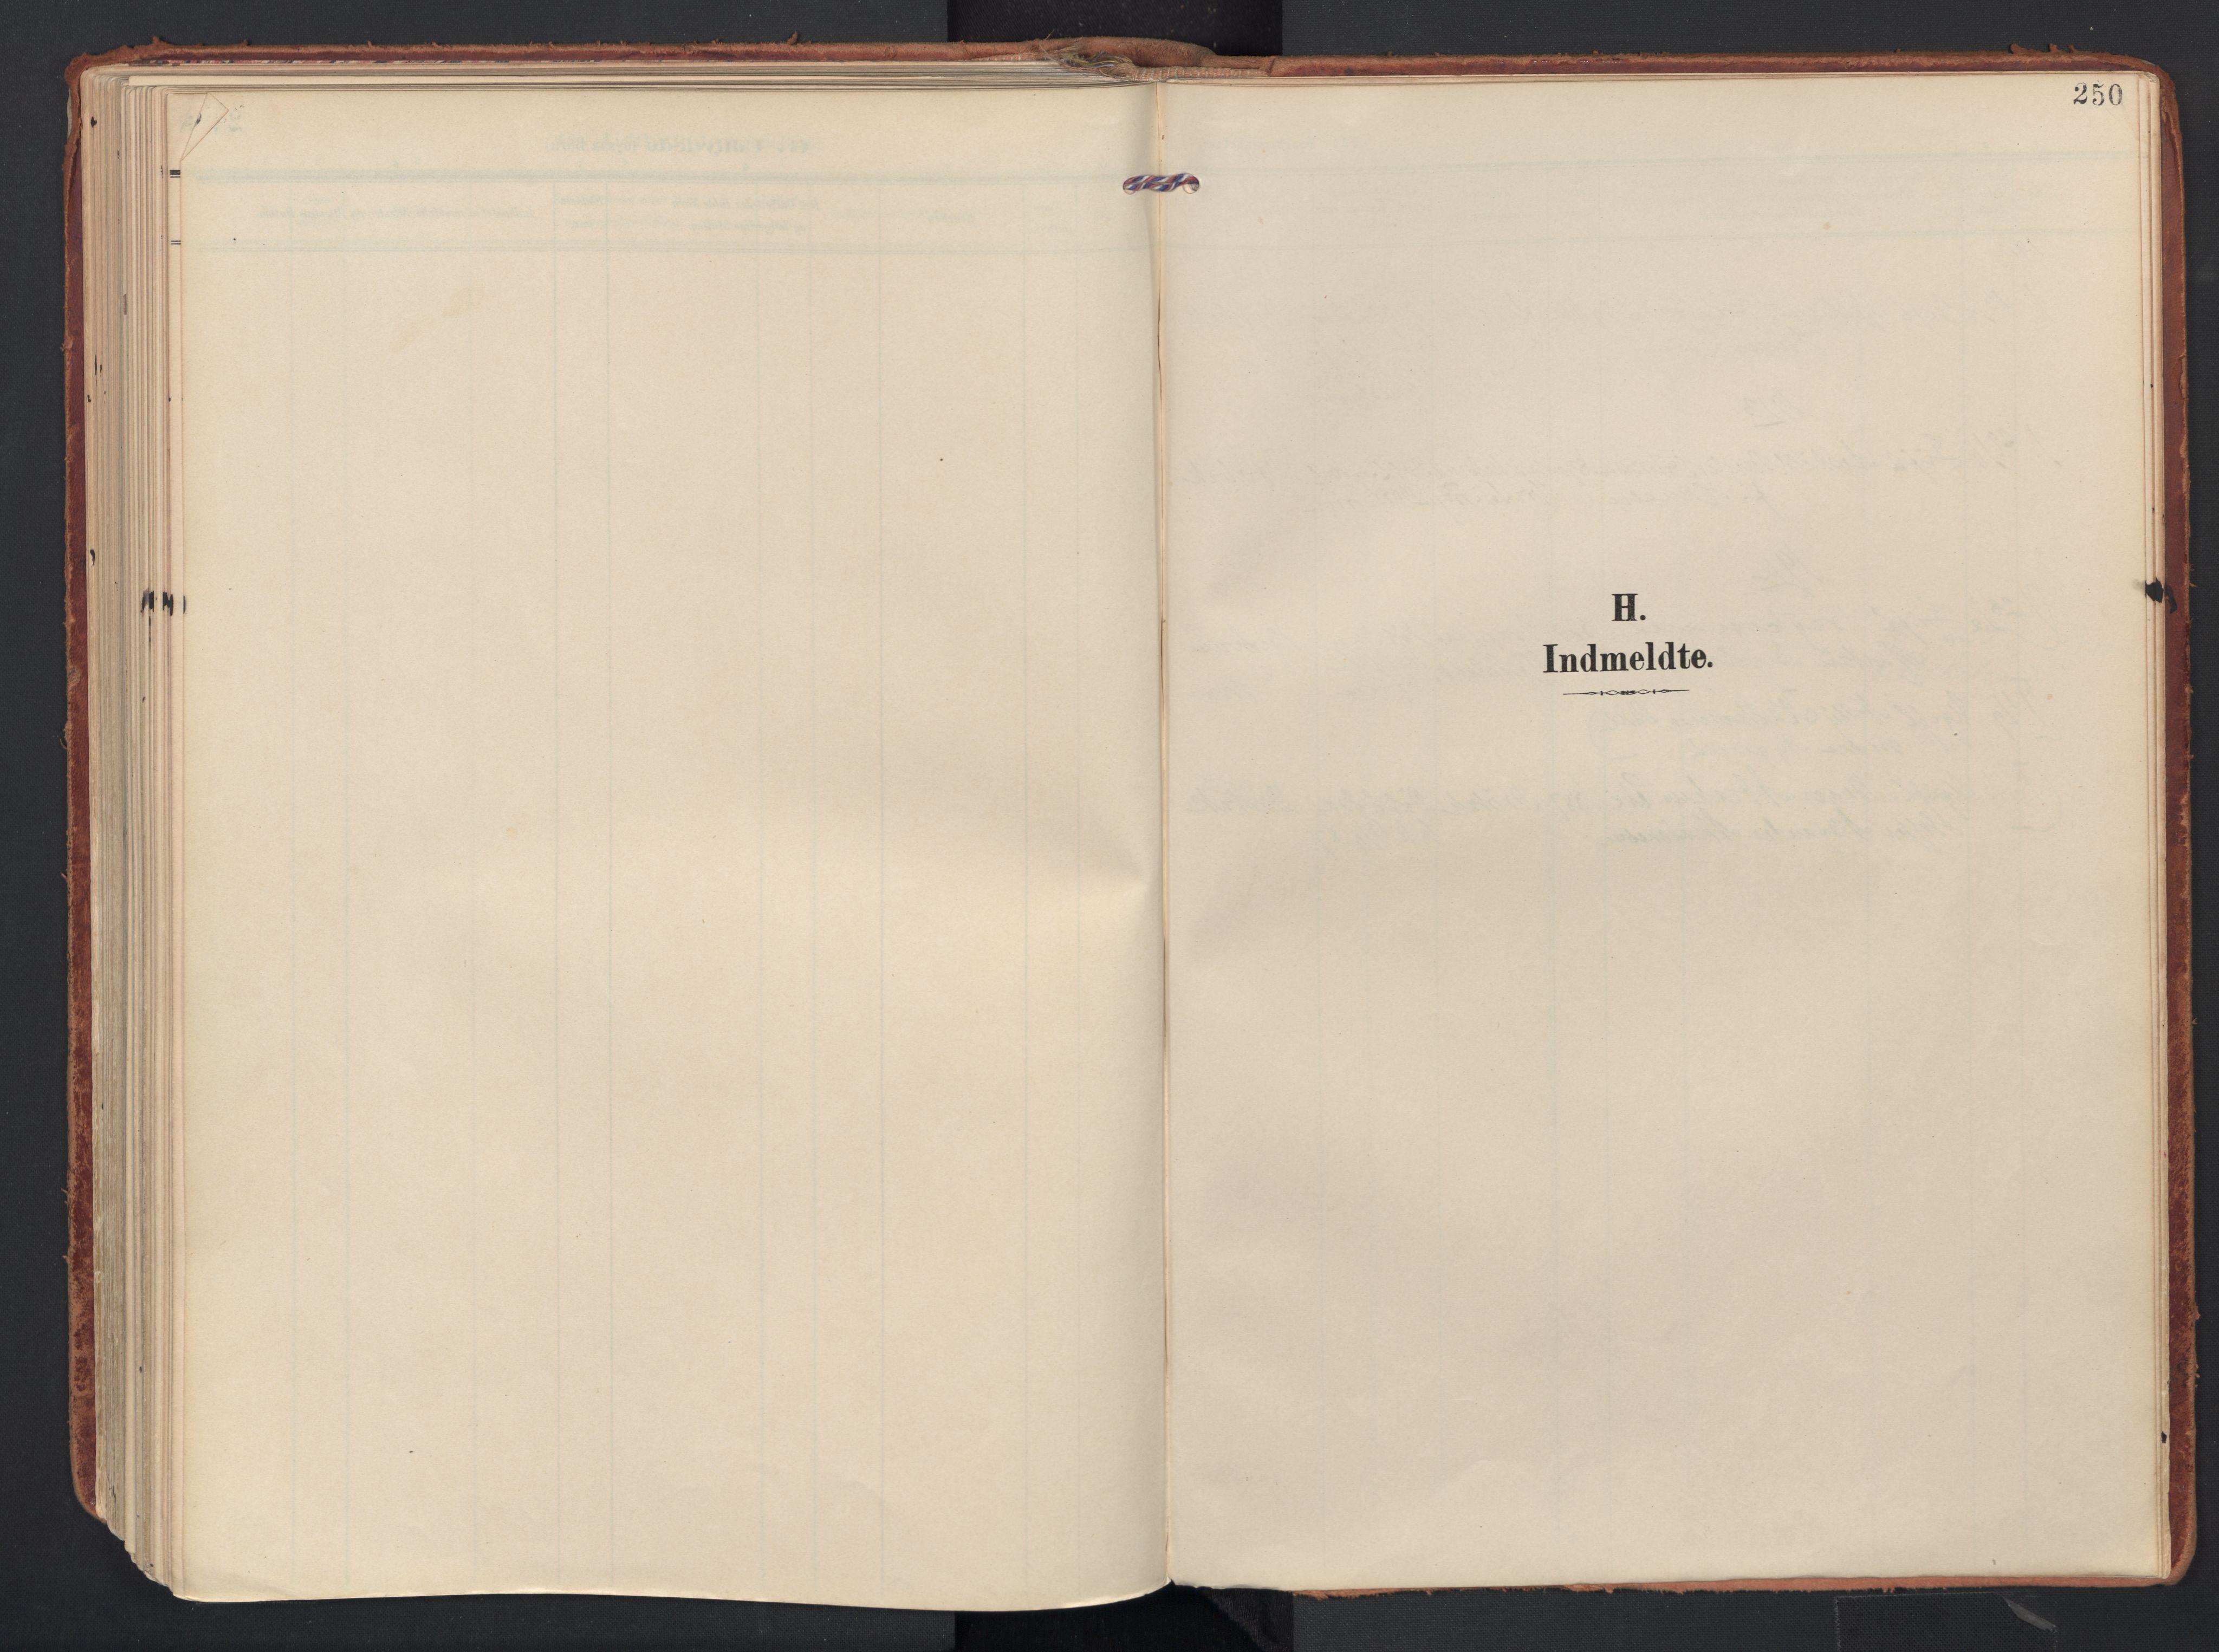 SAO, Drøbak prestekontor Kirkebøker, F/Fb/L0003: Ministerialbok nr. II 3, 1897-1918, s. 250